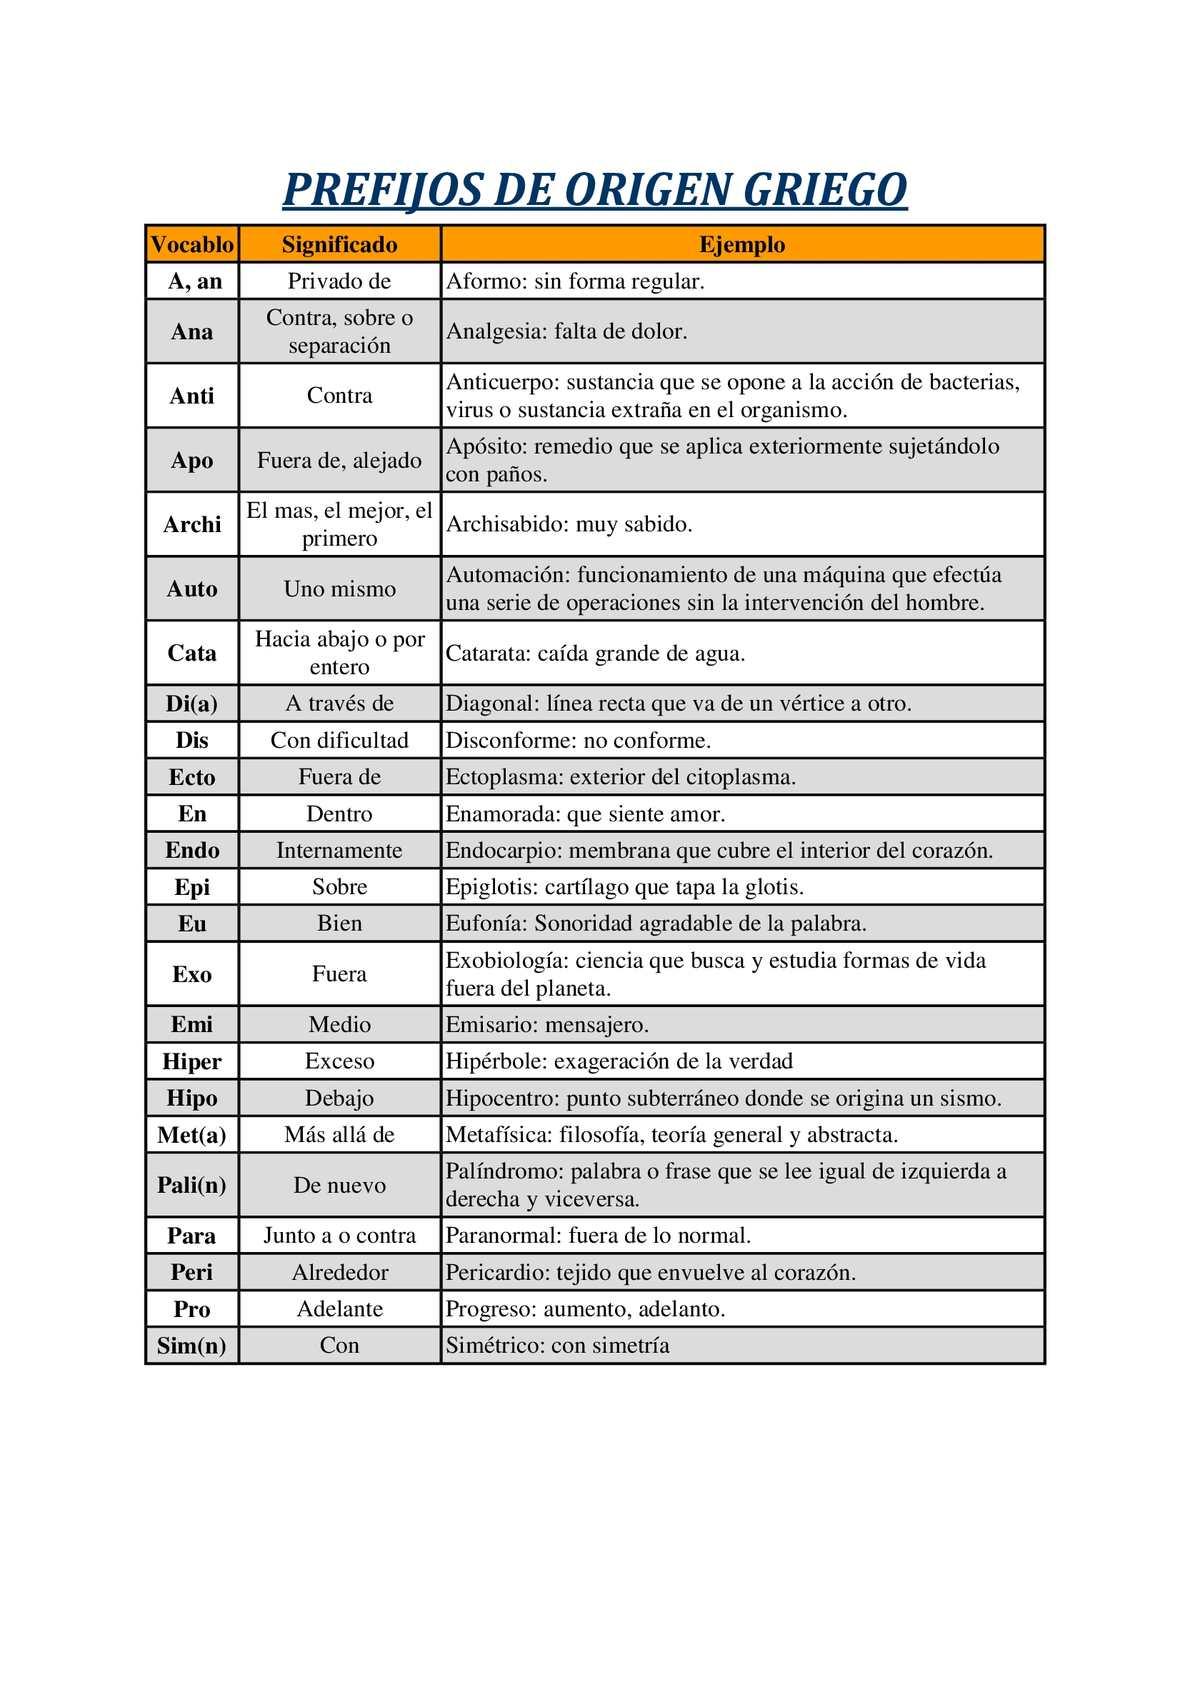 Calam o prefijos y sufijos del origen latino y griego for Significado de fuera